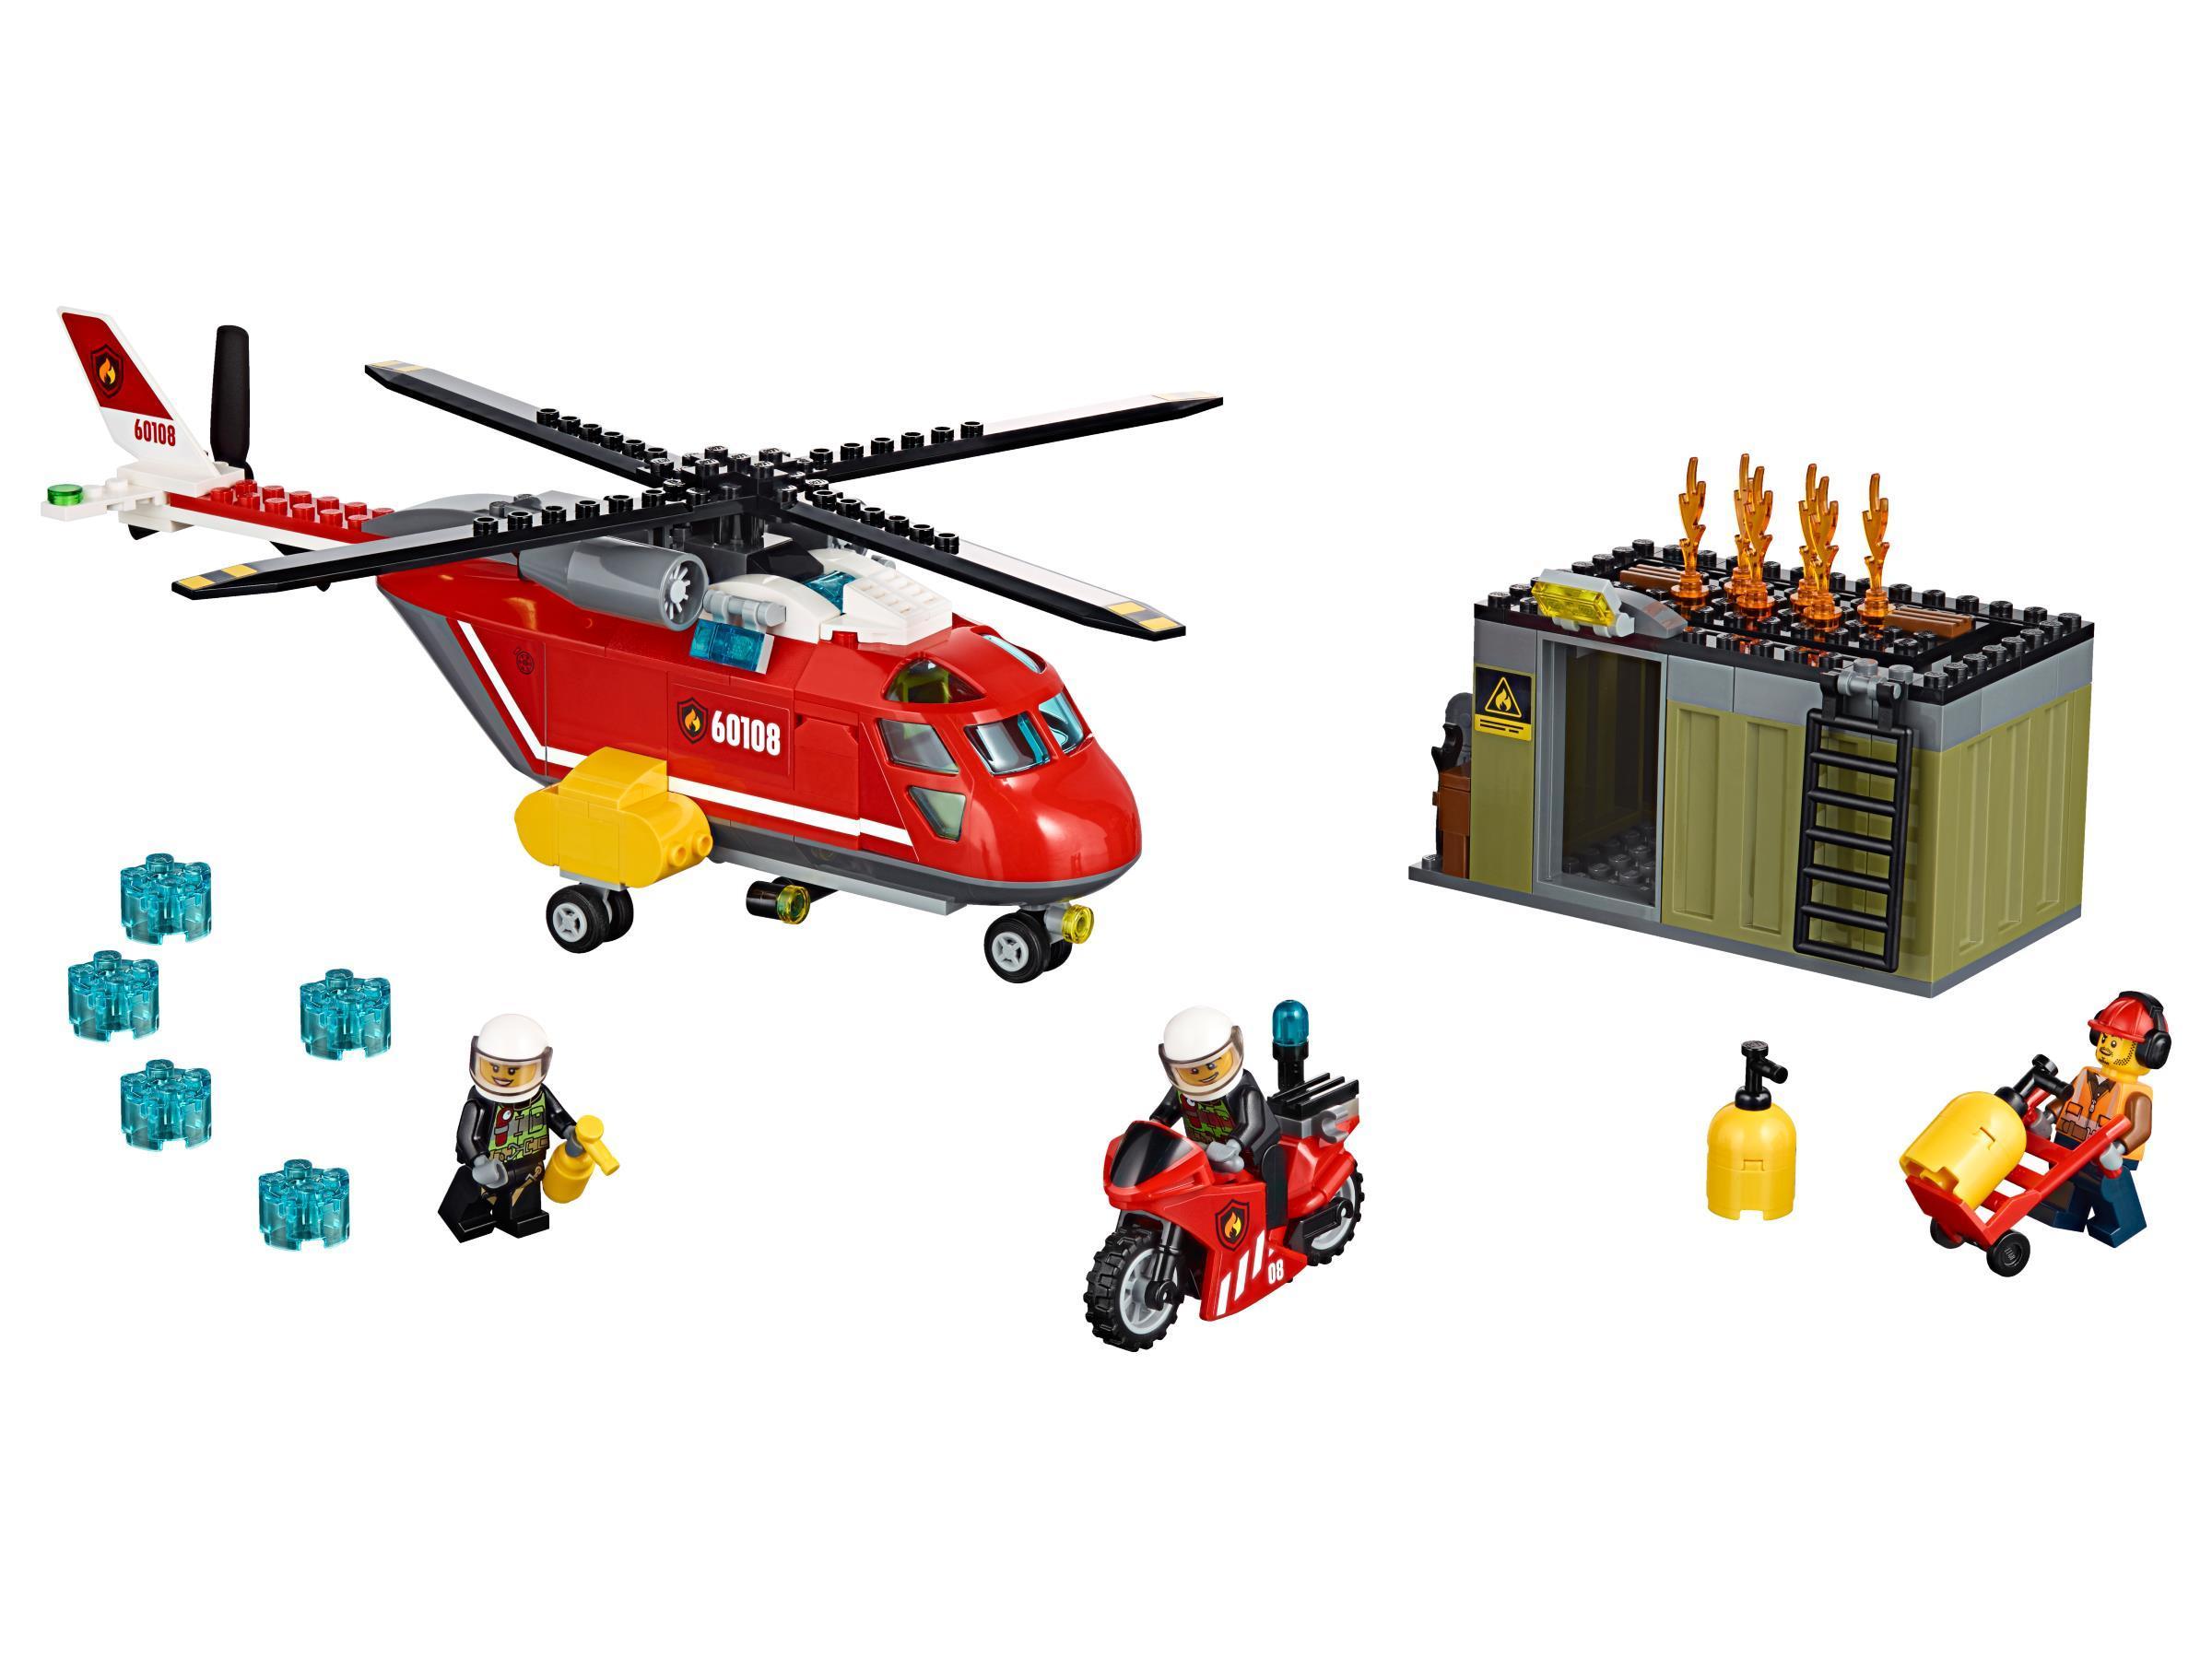 L'unité de secours des pompiers - 60108